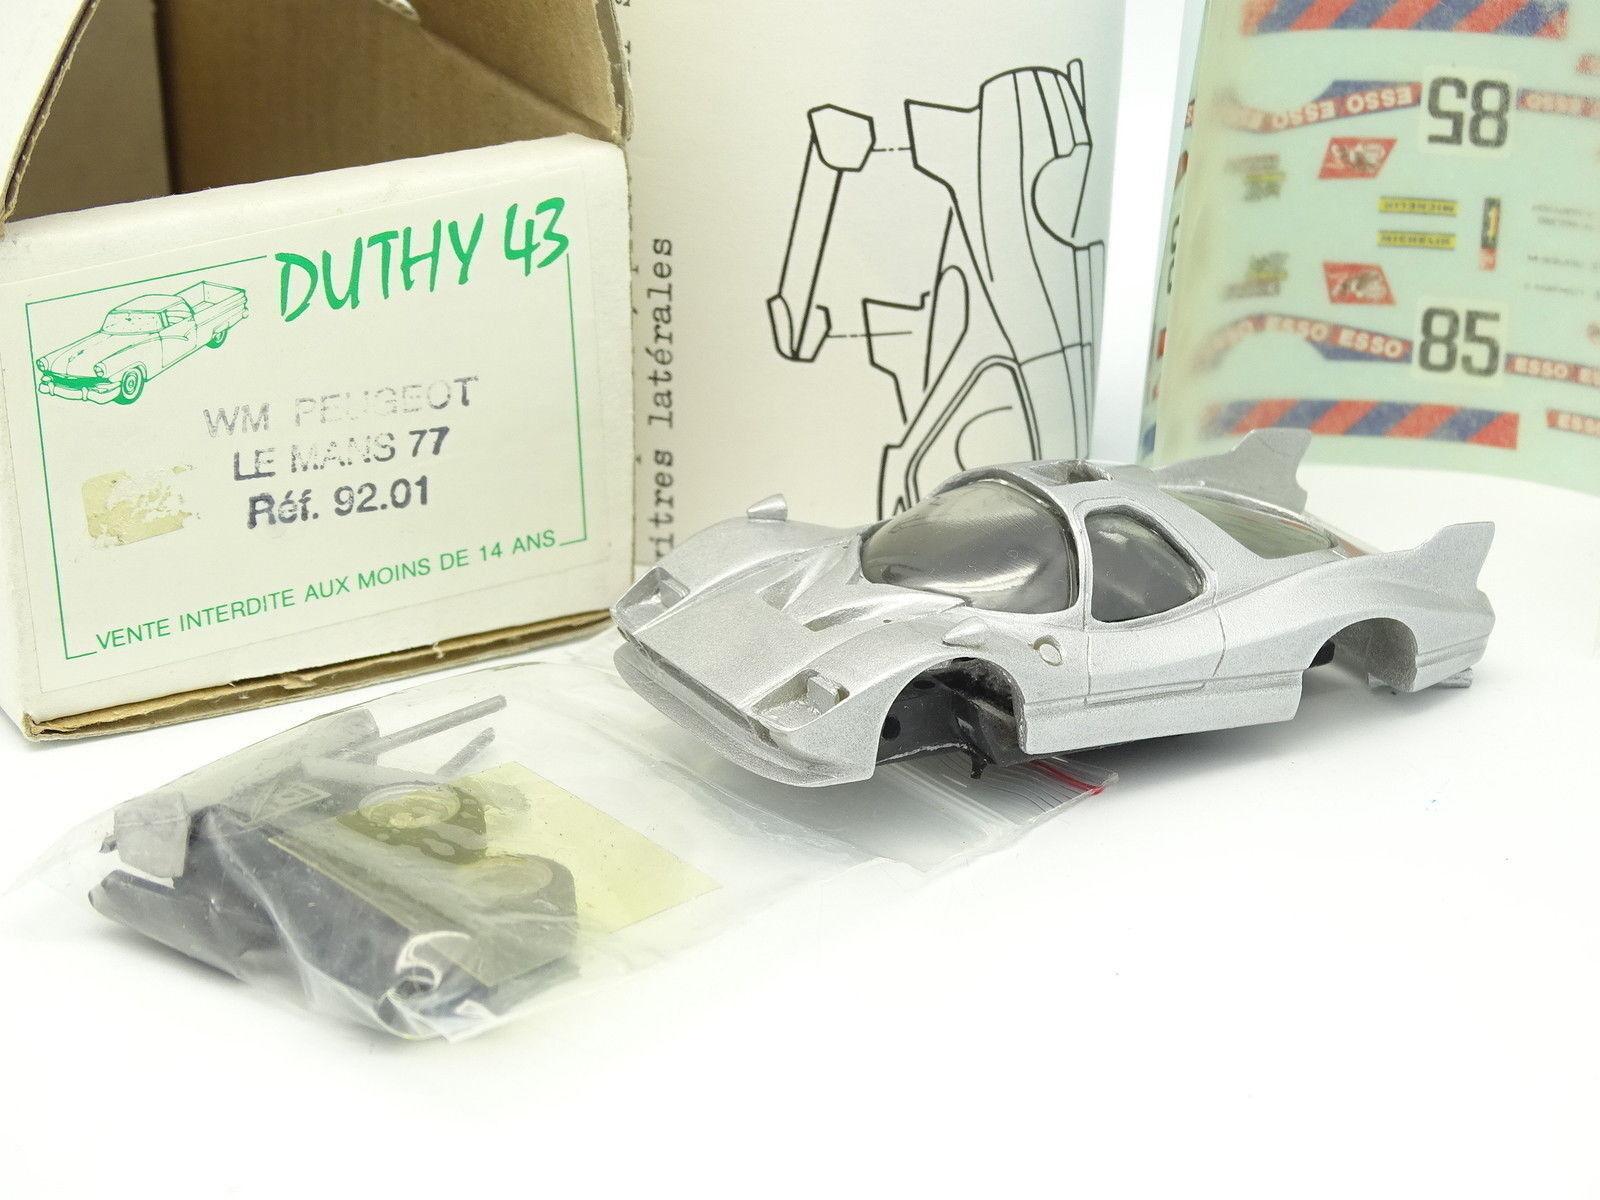 Duthy 43 Kit à Monter Prépeint 1 43 - WM Peugeot Le Mans 1977